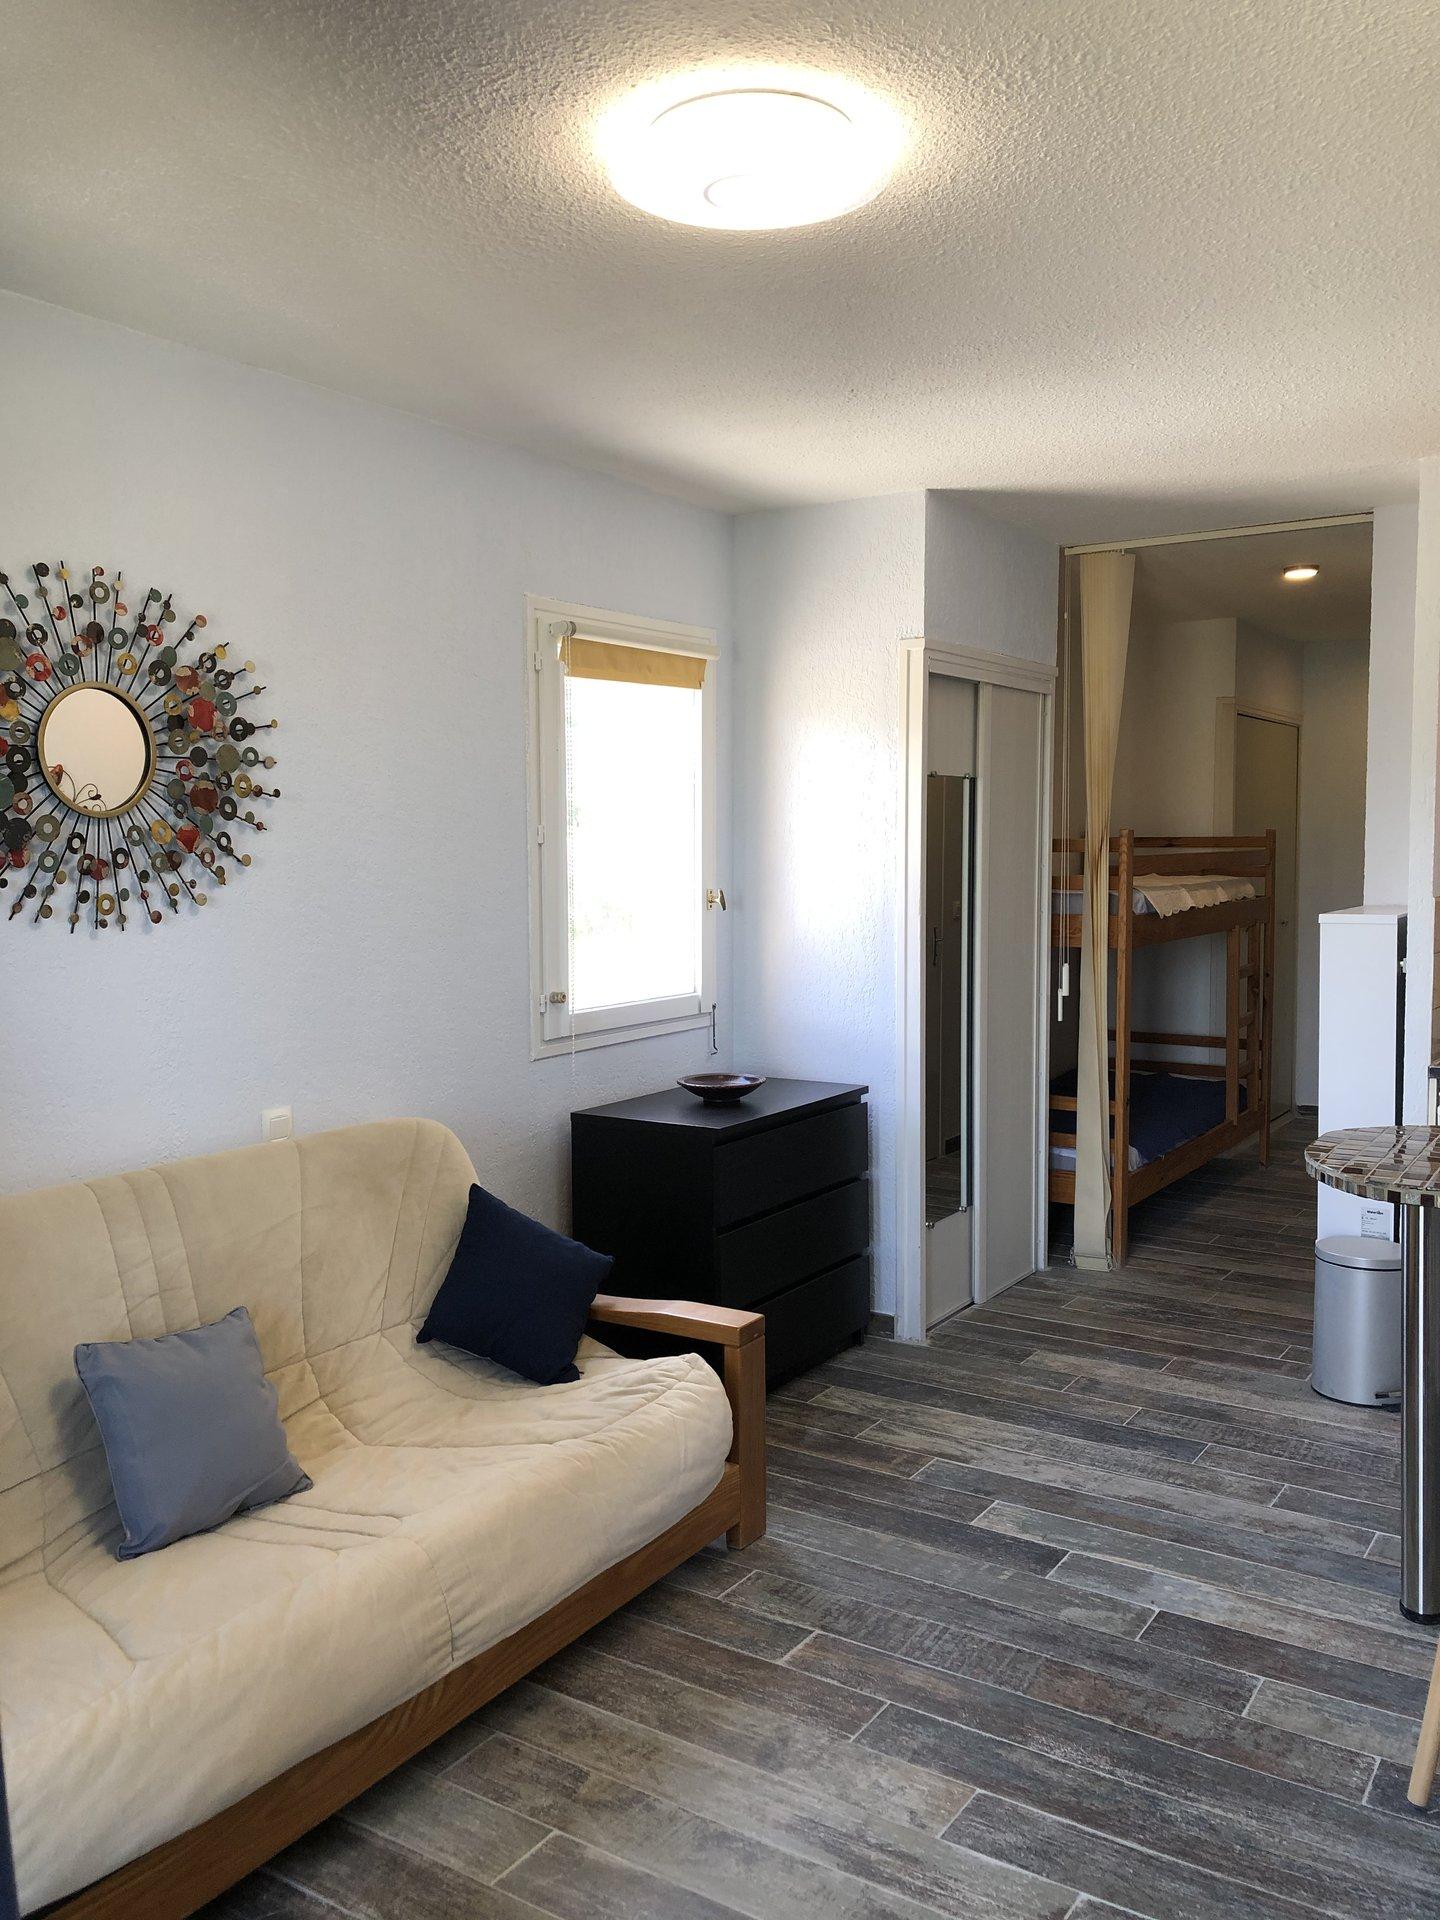 Affitto stagionale Appartamento - Algajola